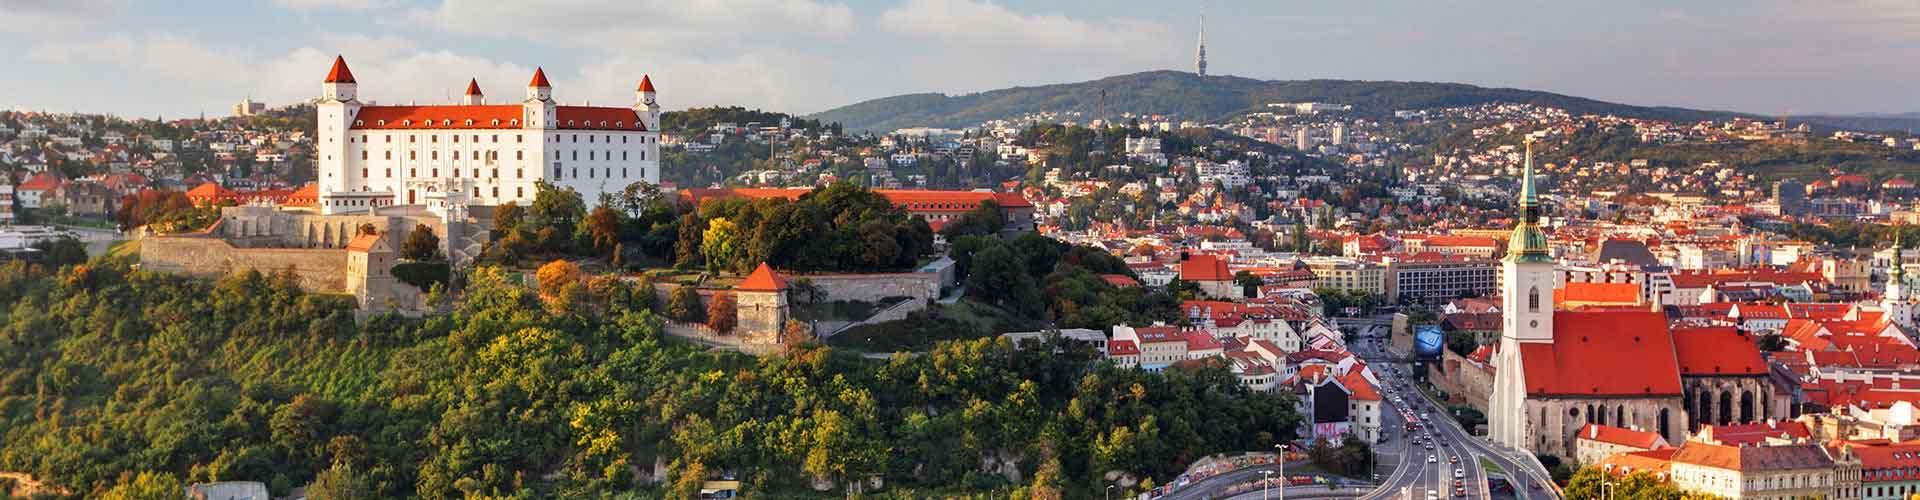 Bratislava - Chambres à Bratislava. Cartes pour Bratislava, photos et commentaires pour chaque chambre à Bratislava.